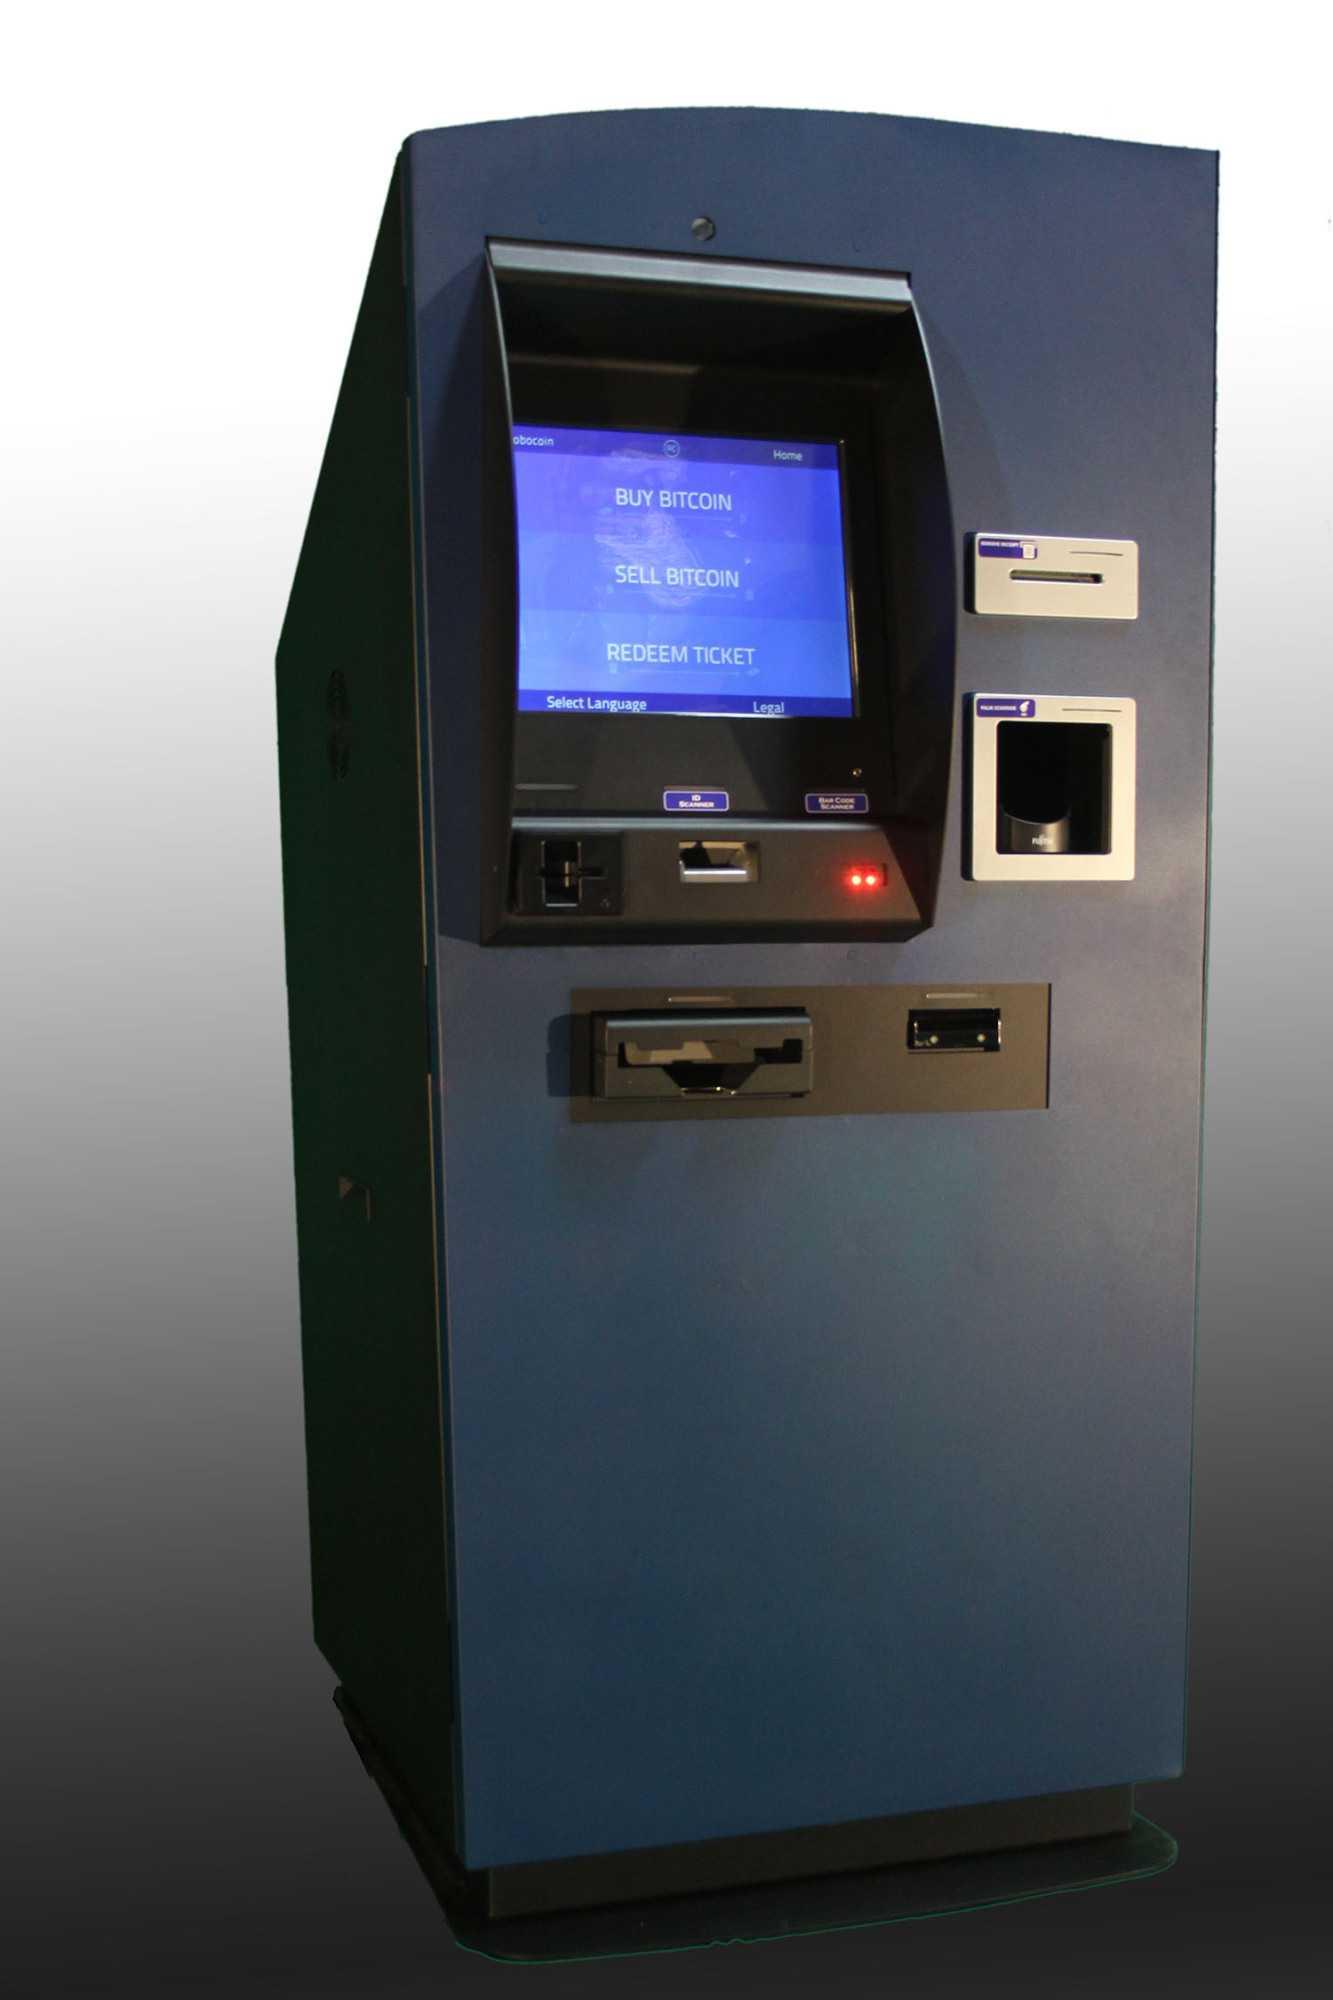 Die kommerzielle Variante: 20.000 US-Dollar kostet der Automat von Robocoin, der in Bitcoins und wieder zurück tauscht.